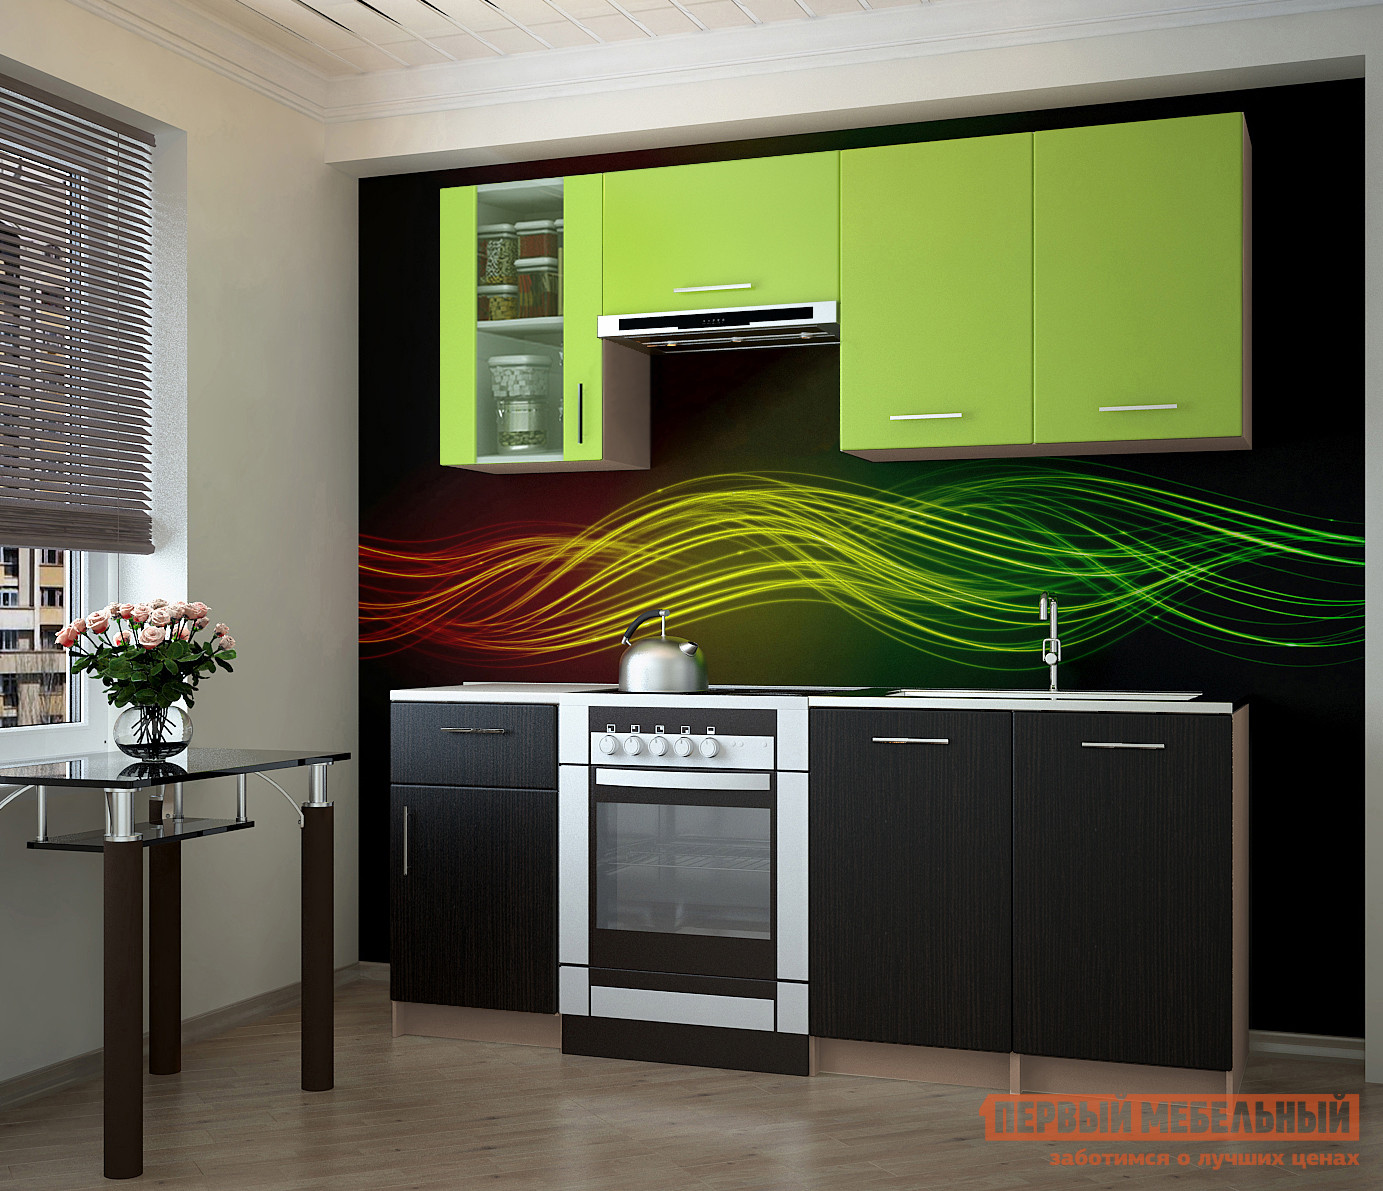 Кухонный гарнитур НК-Мебель Тарнета 180 см кухонный гарнитур трия оливия 240 см